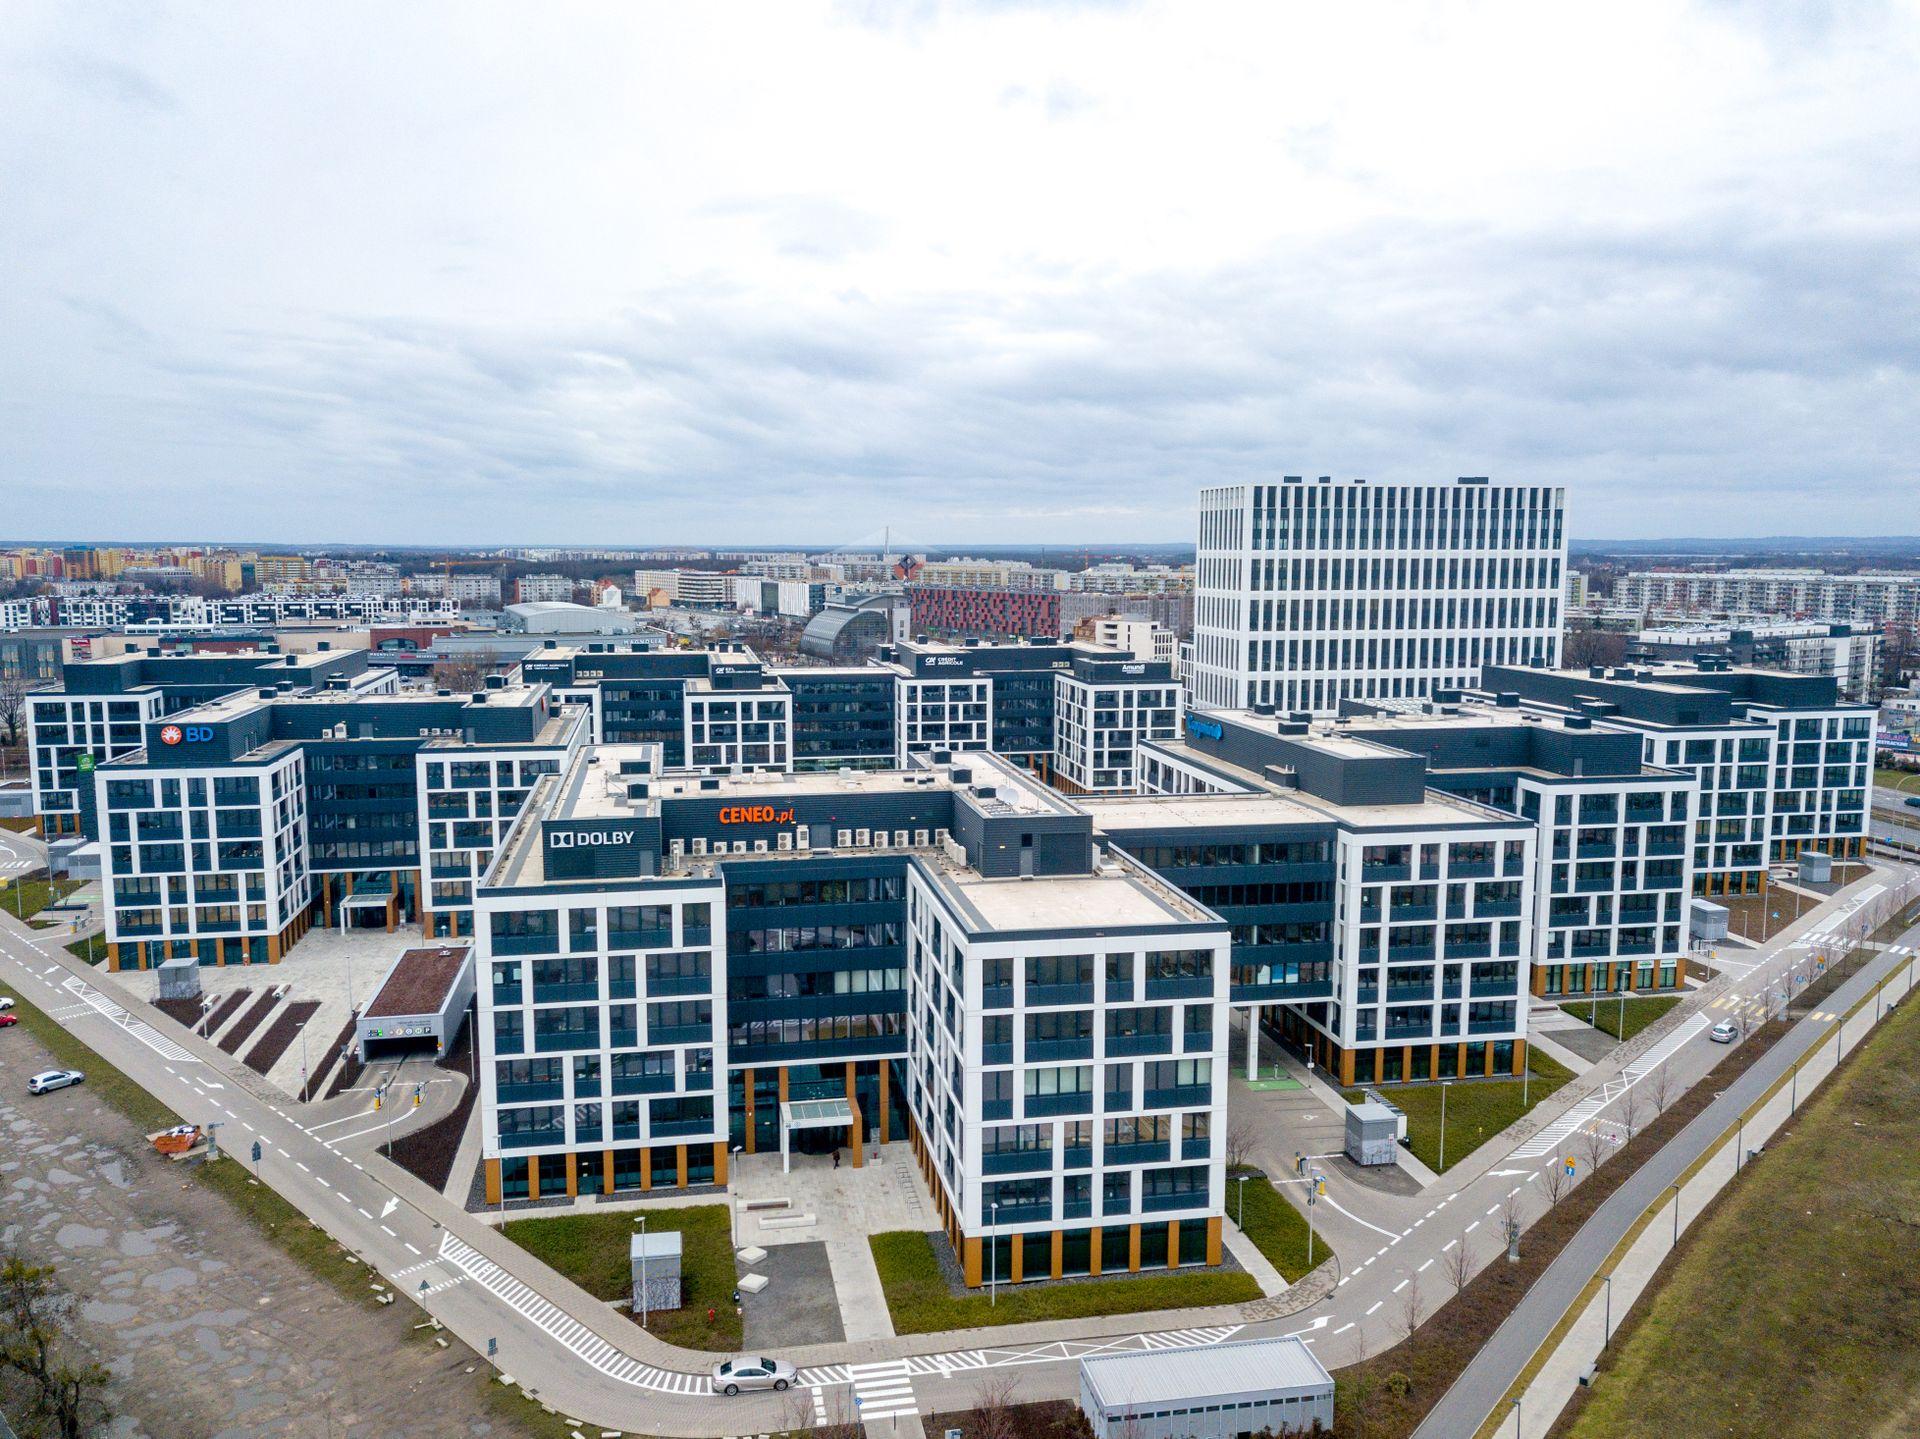 Amerykańska firma z branży IT otwiera nowe biuro we Wrocławiu